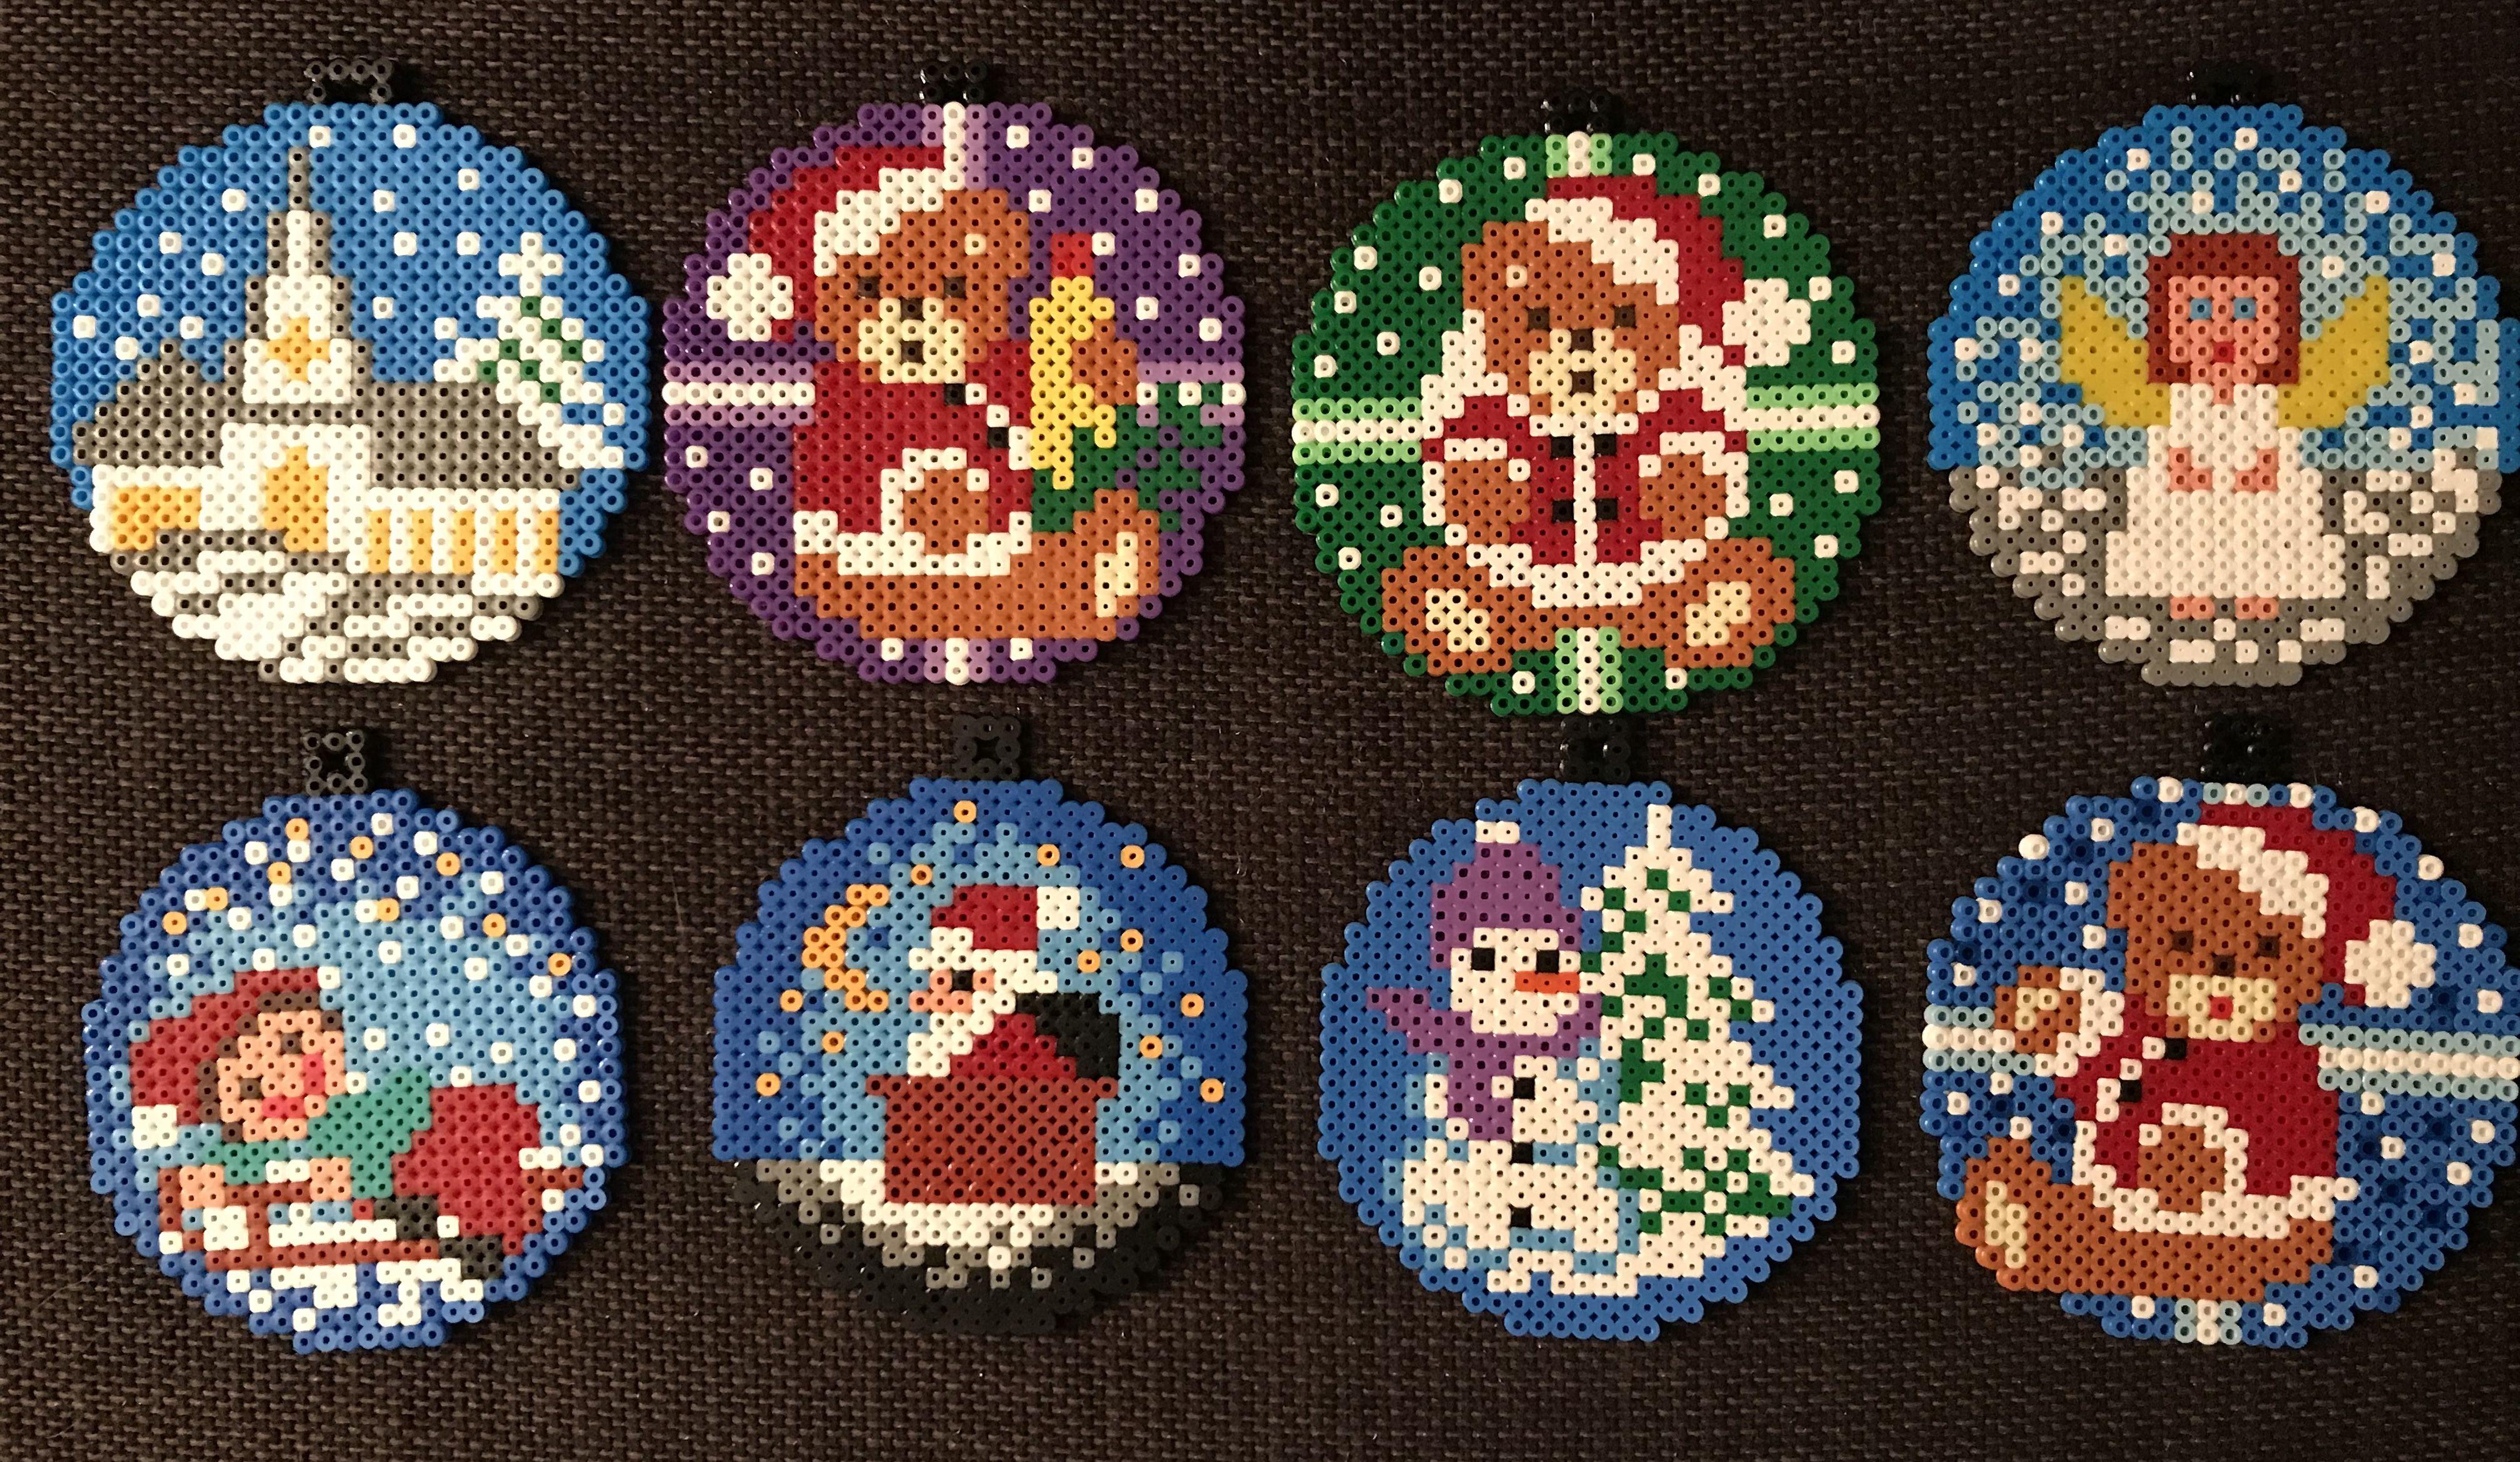 Bugelperlen Vorlagen Zu Weihnachten Kostenlos 12 Bastelideen 12